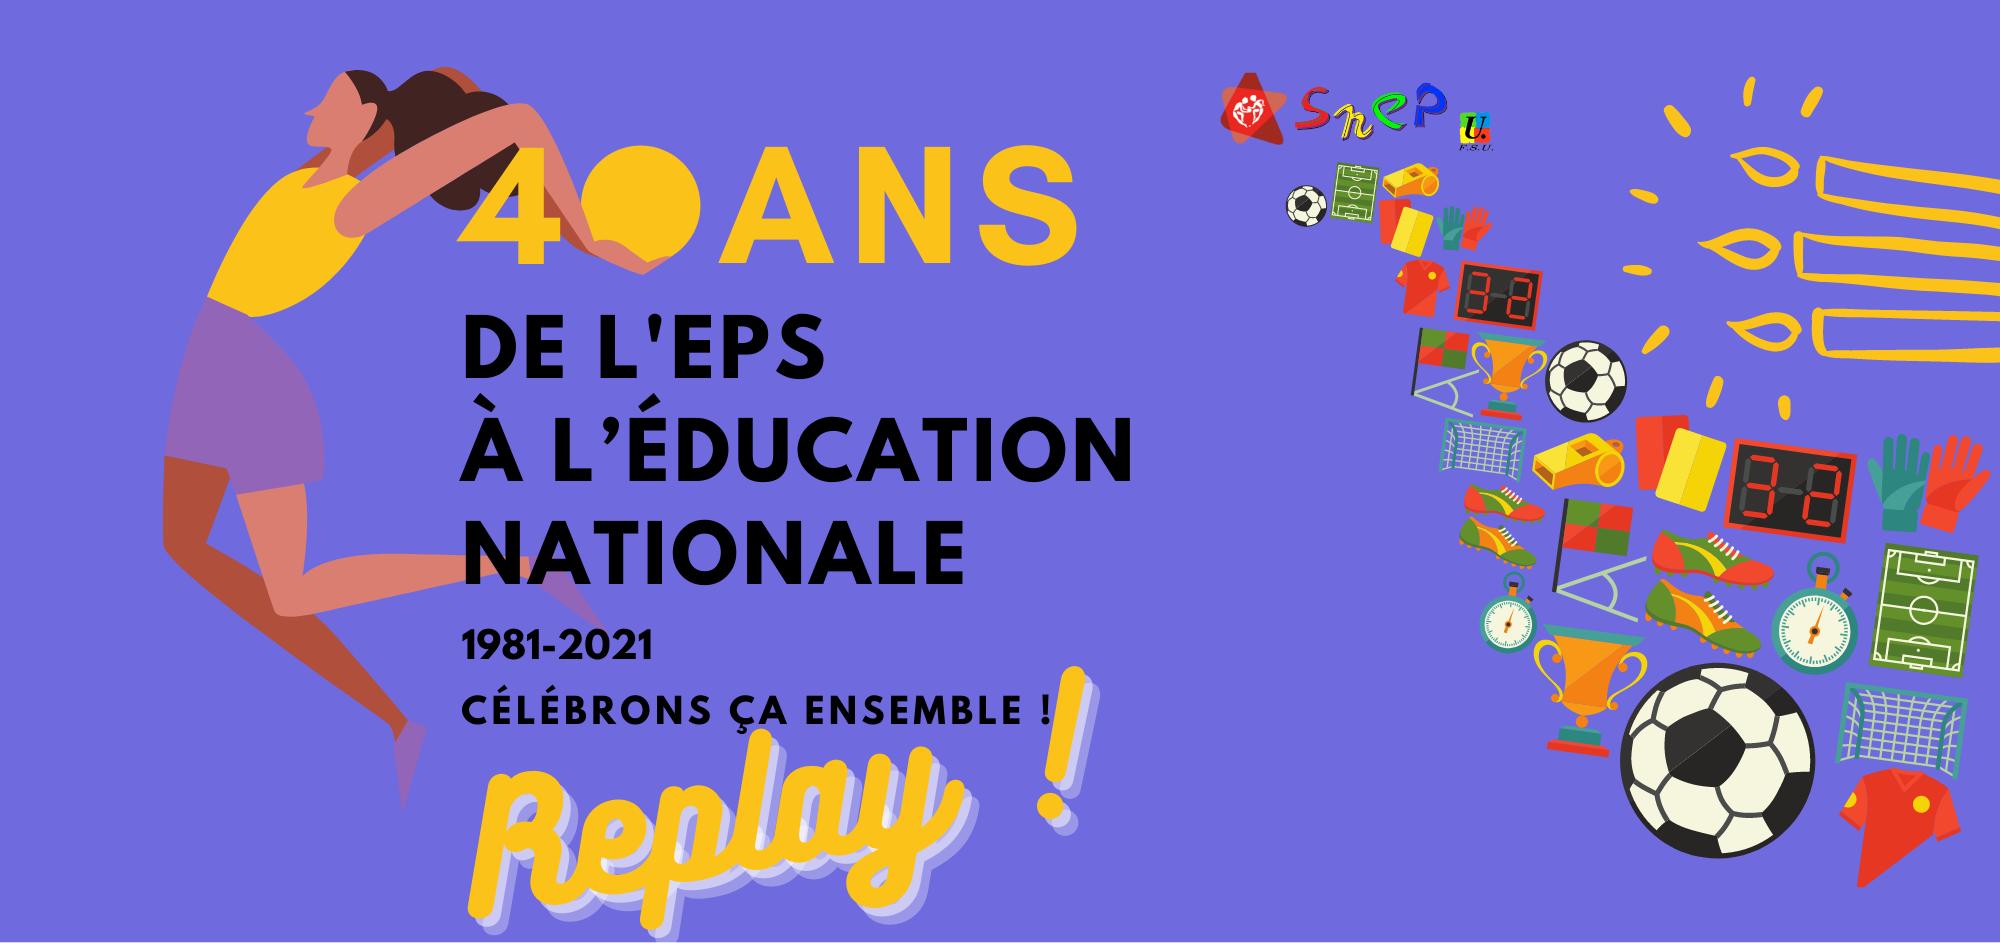 40 ans de l'EPS au ministère de l'éducation nationale : le replay !